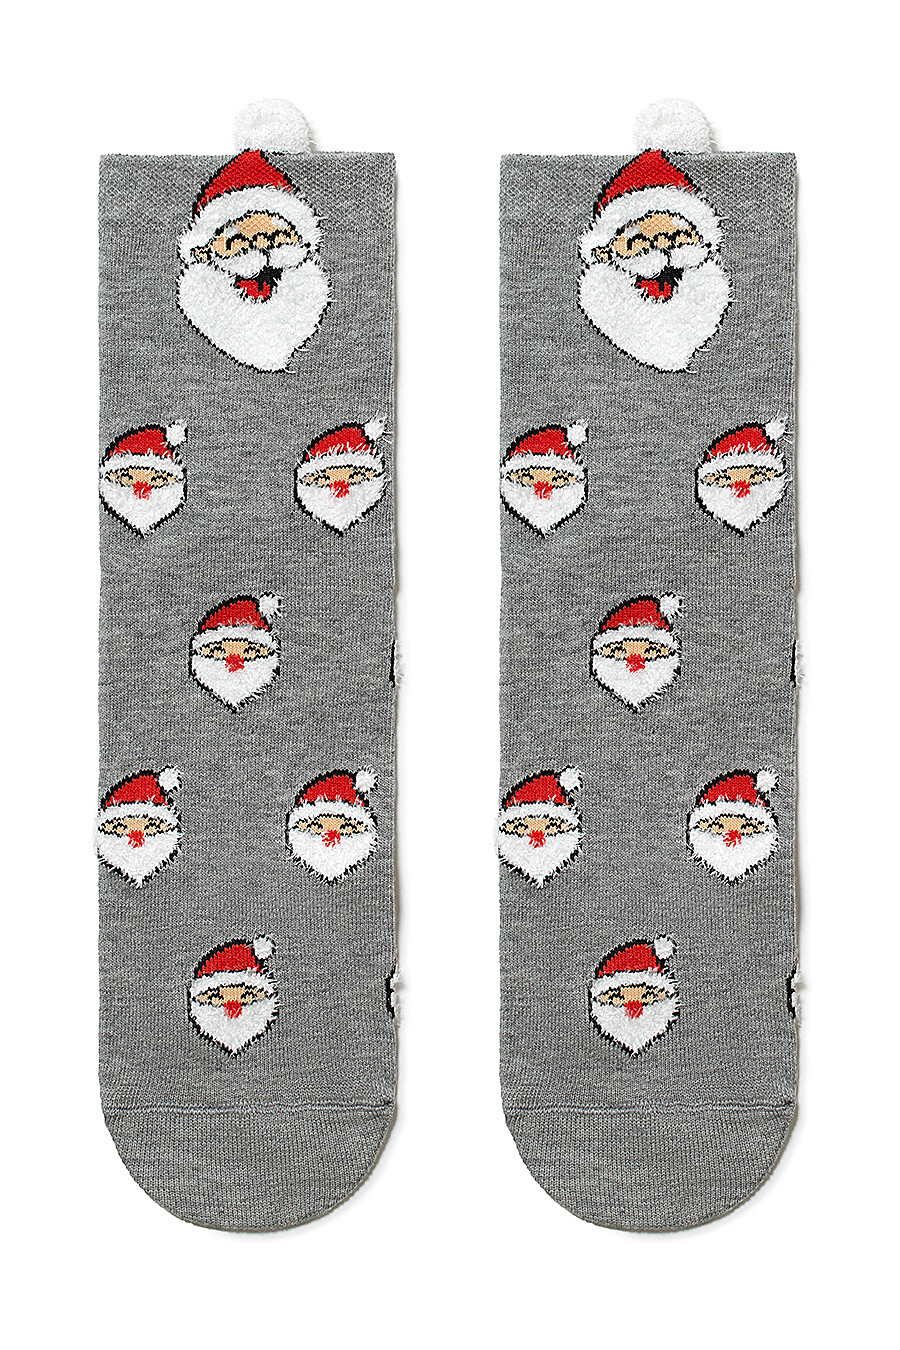 Носки для мужчин DIWARI 158449 купить оптом от производителя. Совместная покупка мужской одежды в OptMoyo